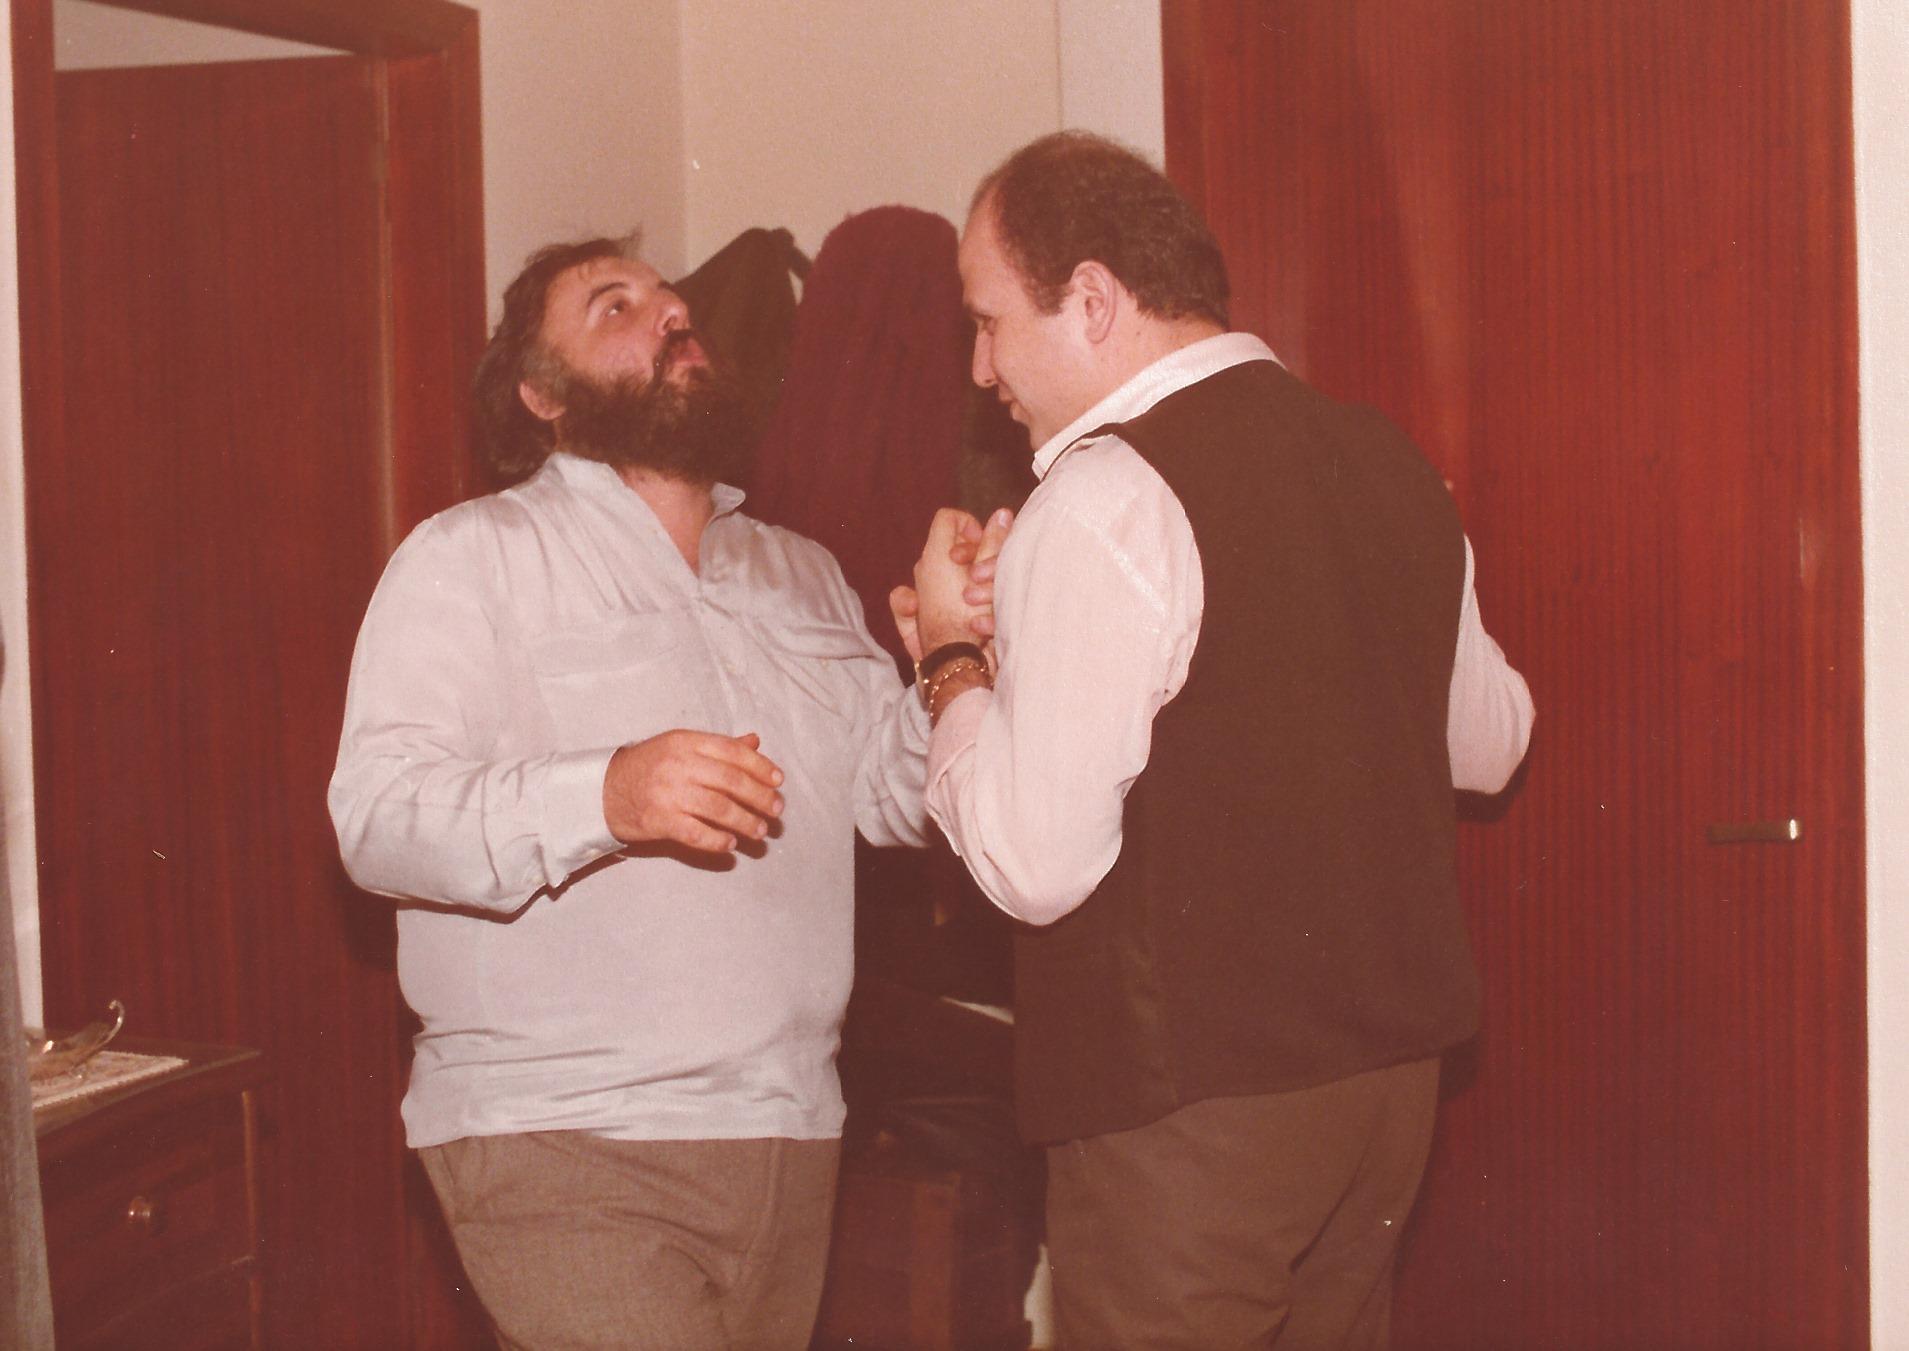 1983 Με τον Θάνο Μικρούτσικο, χορεύοντας σ' ενα πάρτι σπίτι του